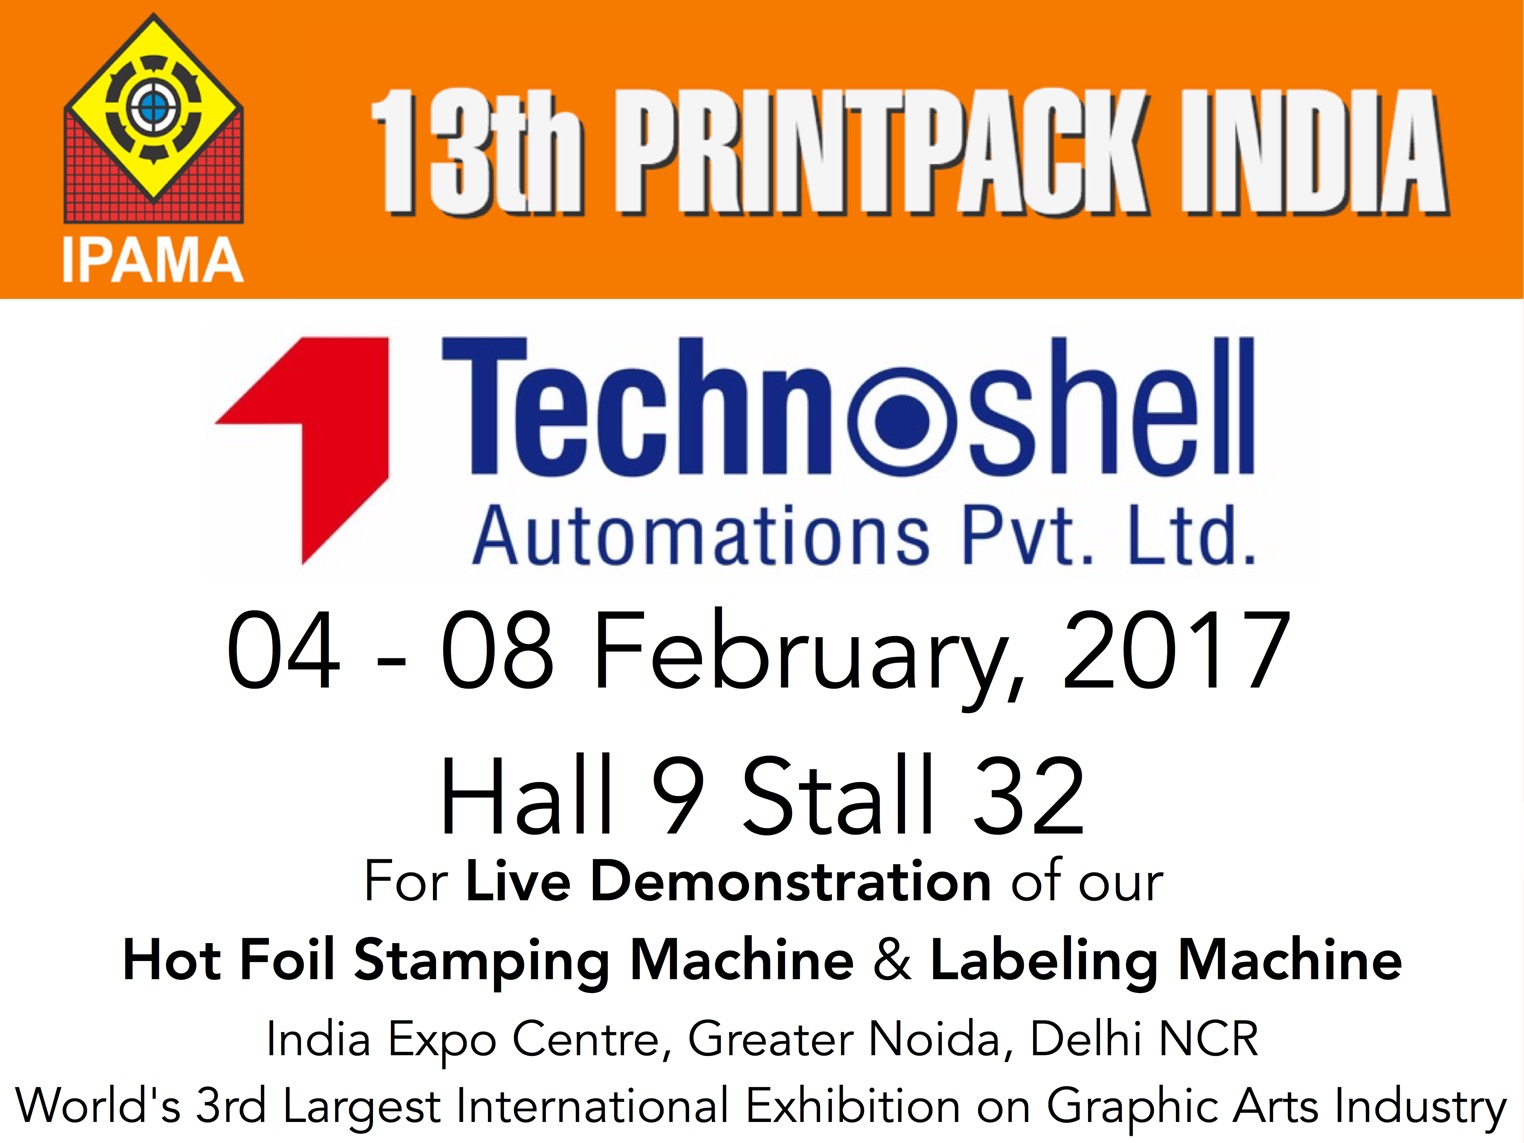 Visit us at the 13th PrintPack 2017